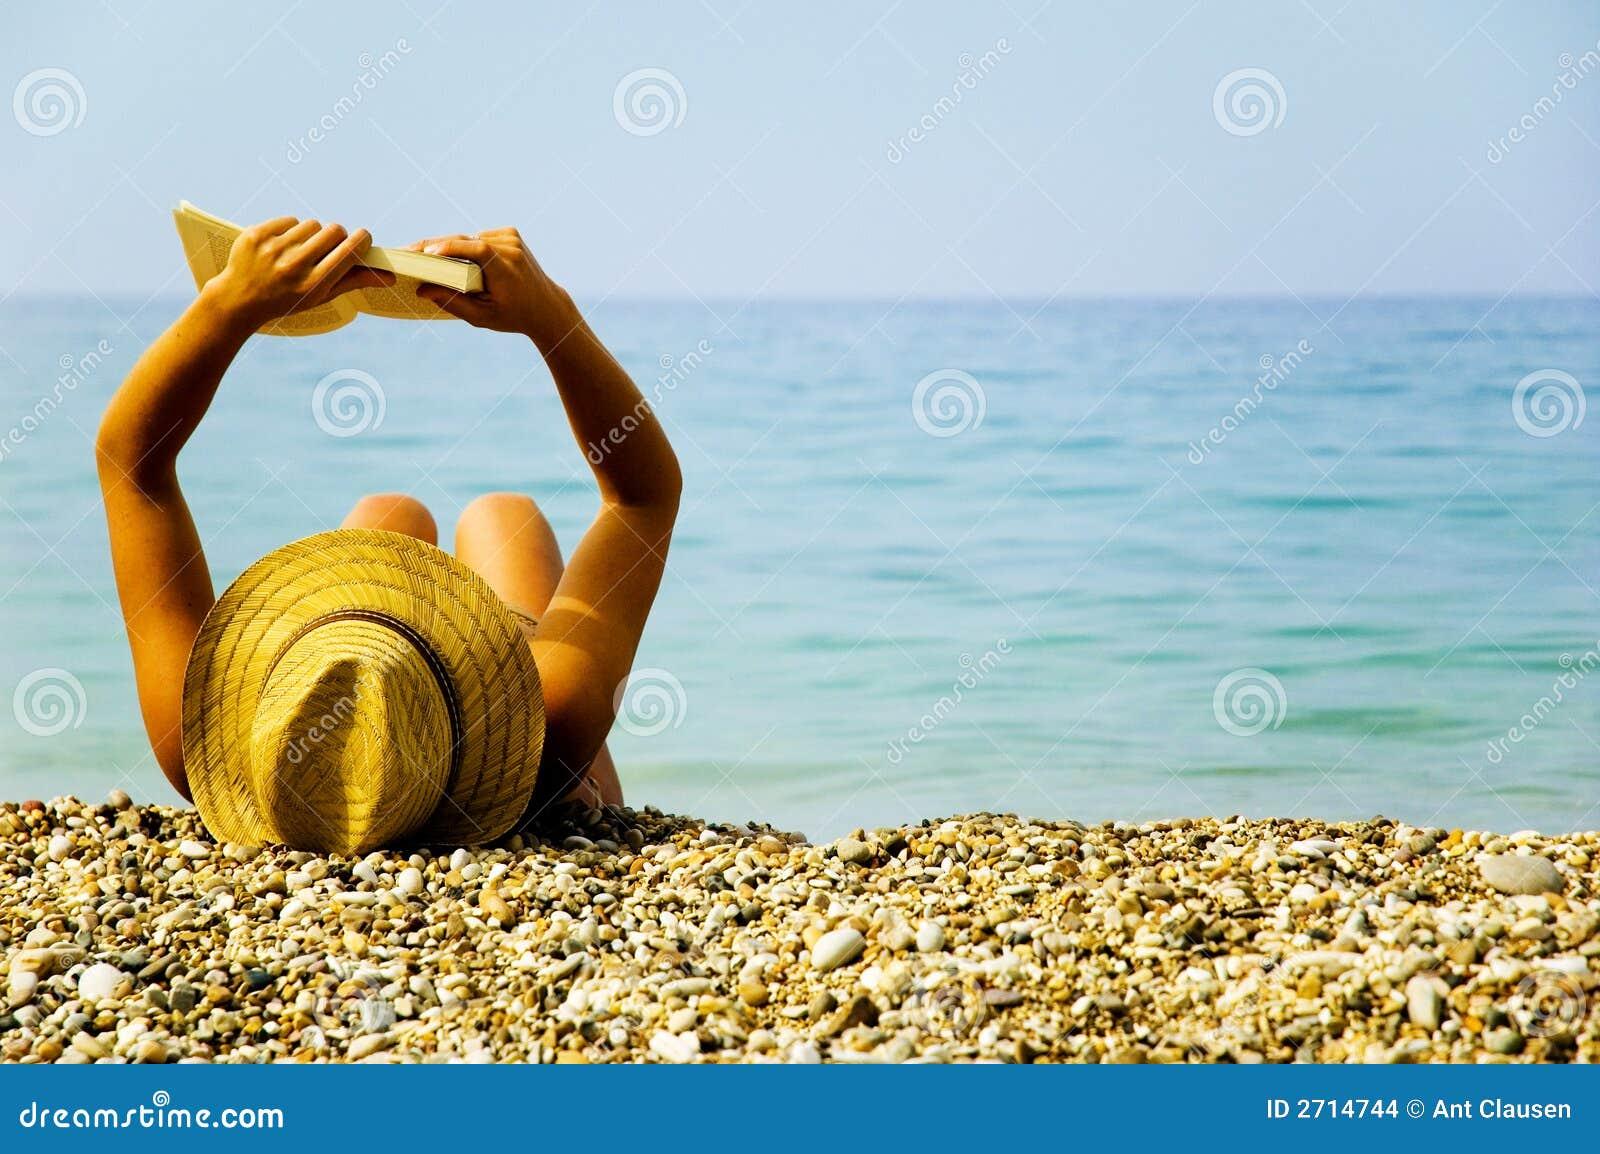 Am Feiertag am Strand